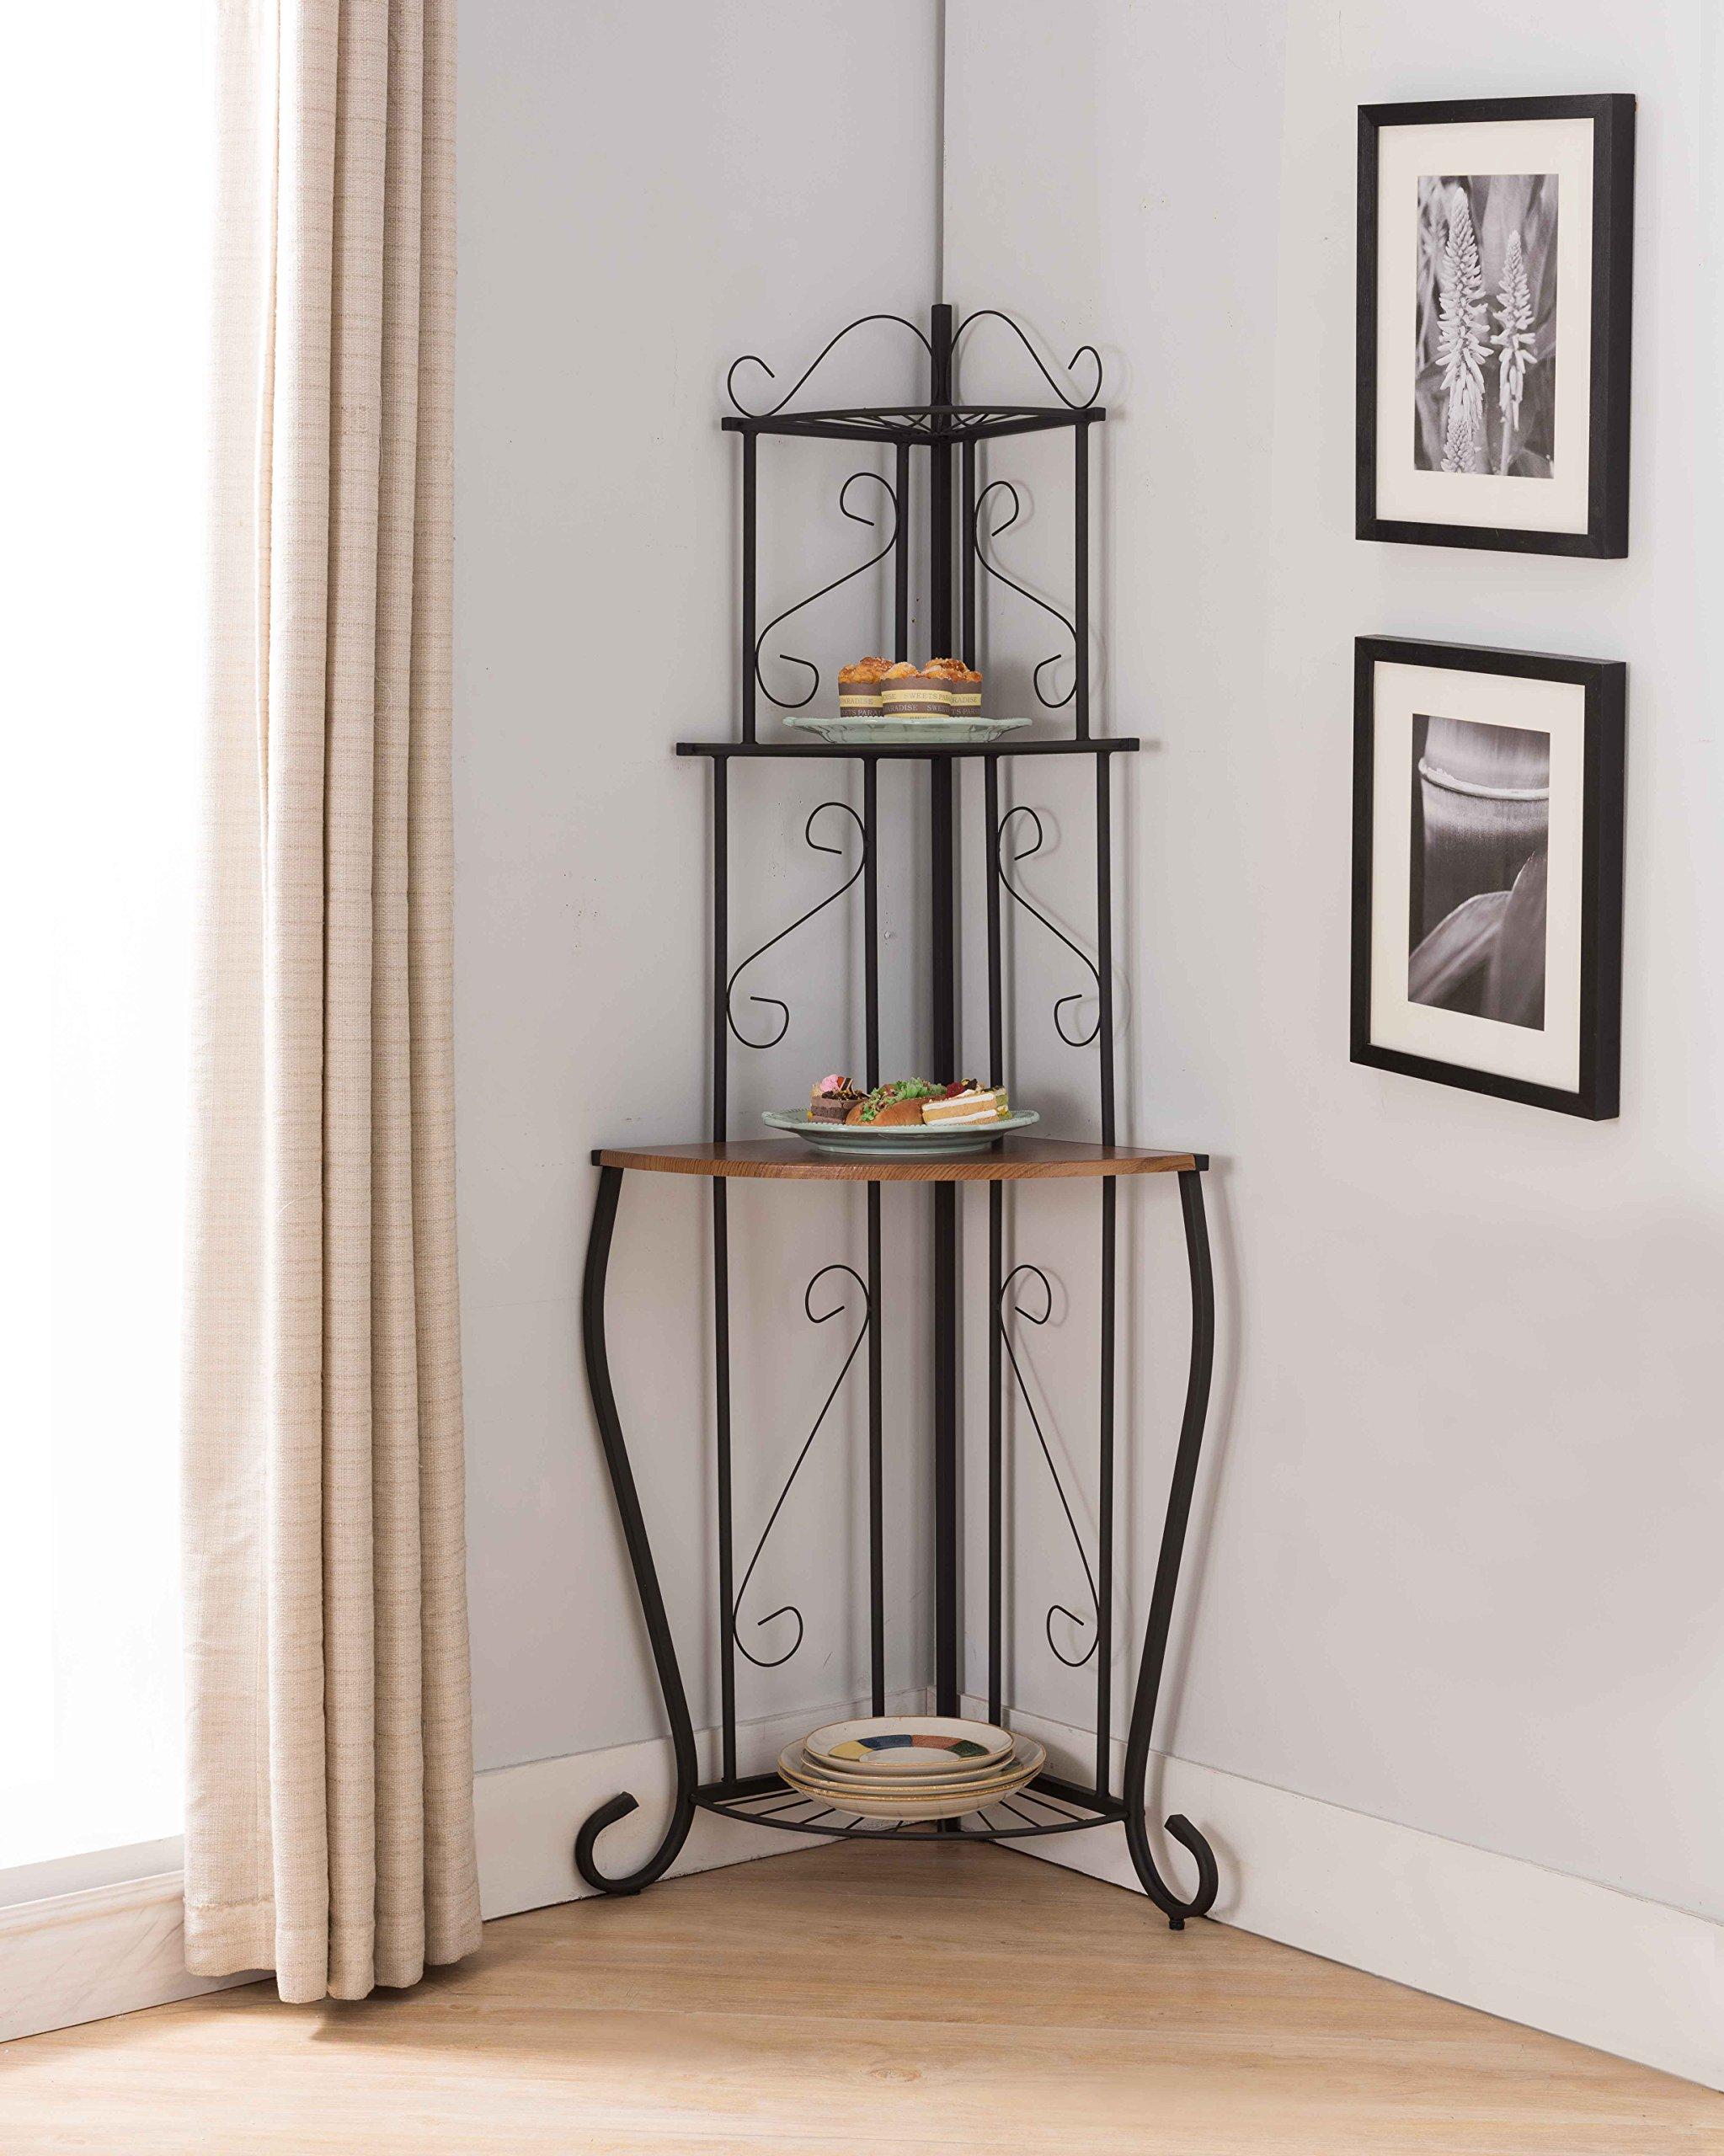 Kings Brand Furniture Black/Walnut Kitchen Storage Corner Bakers Rack by Kings Brand Furniture